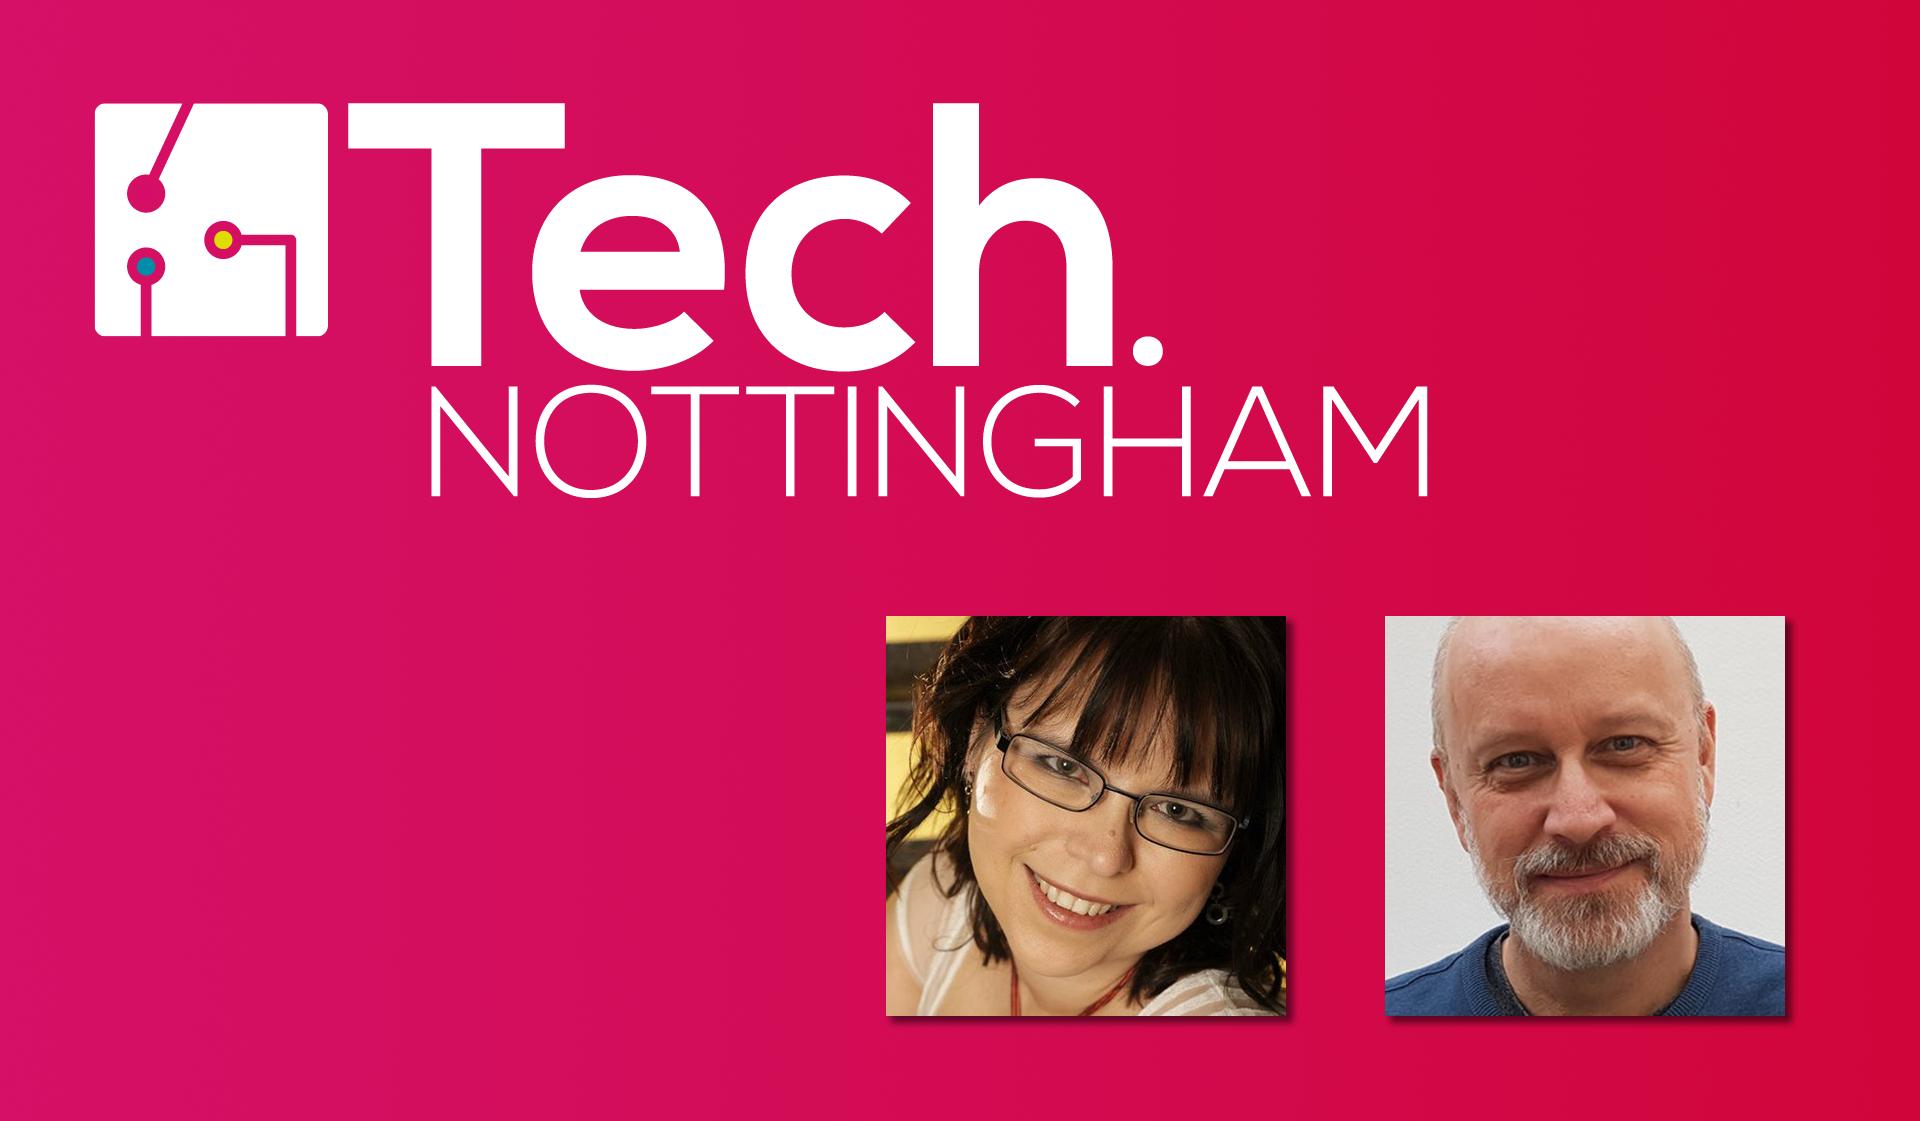 Tech-Nott-banner-April-2018.png